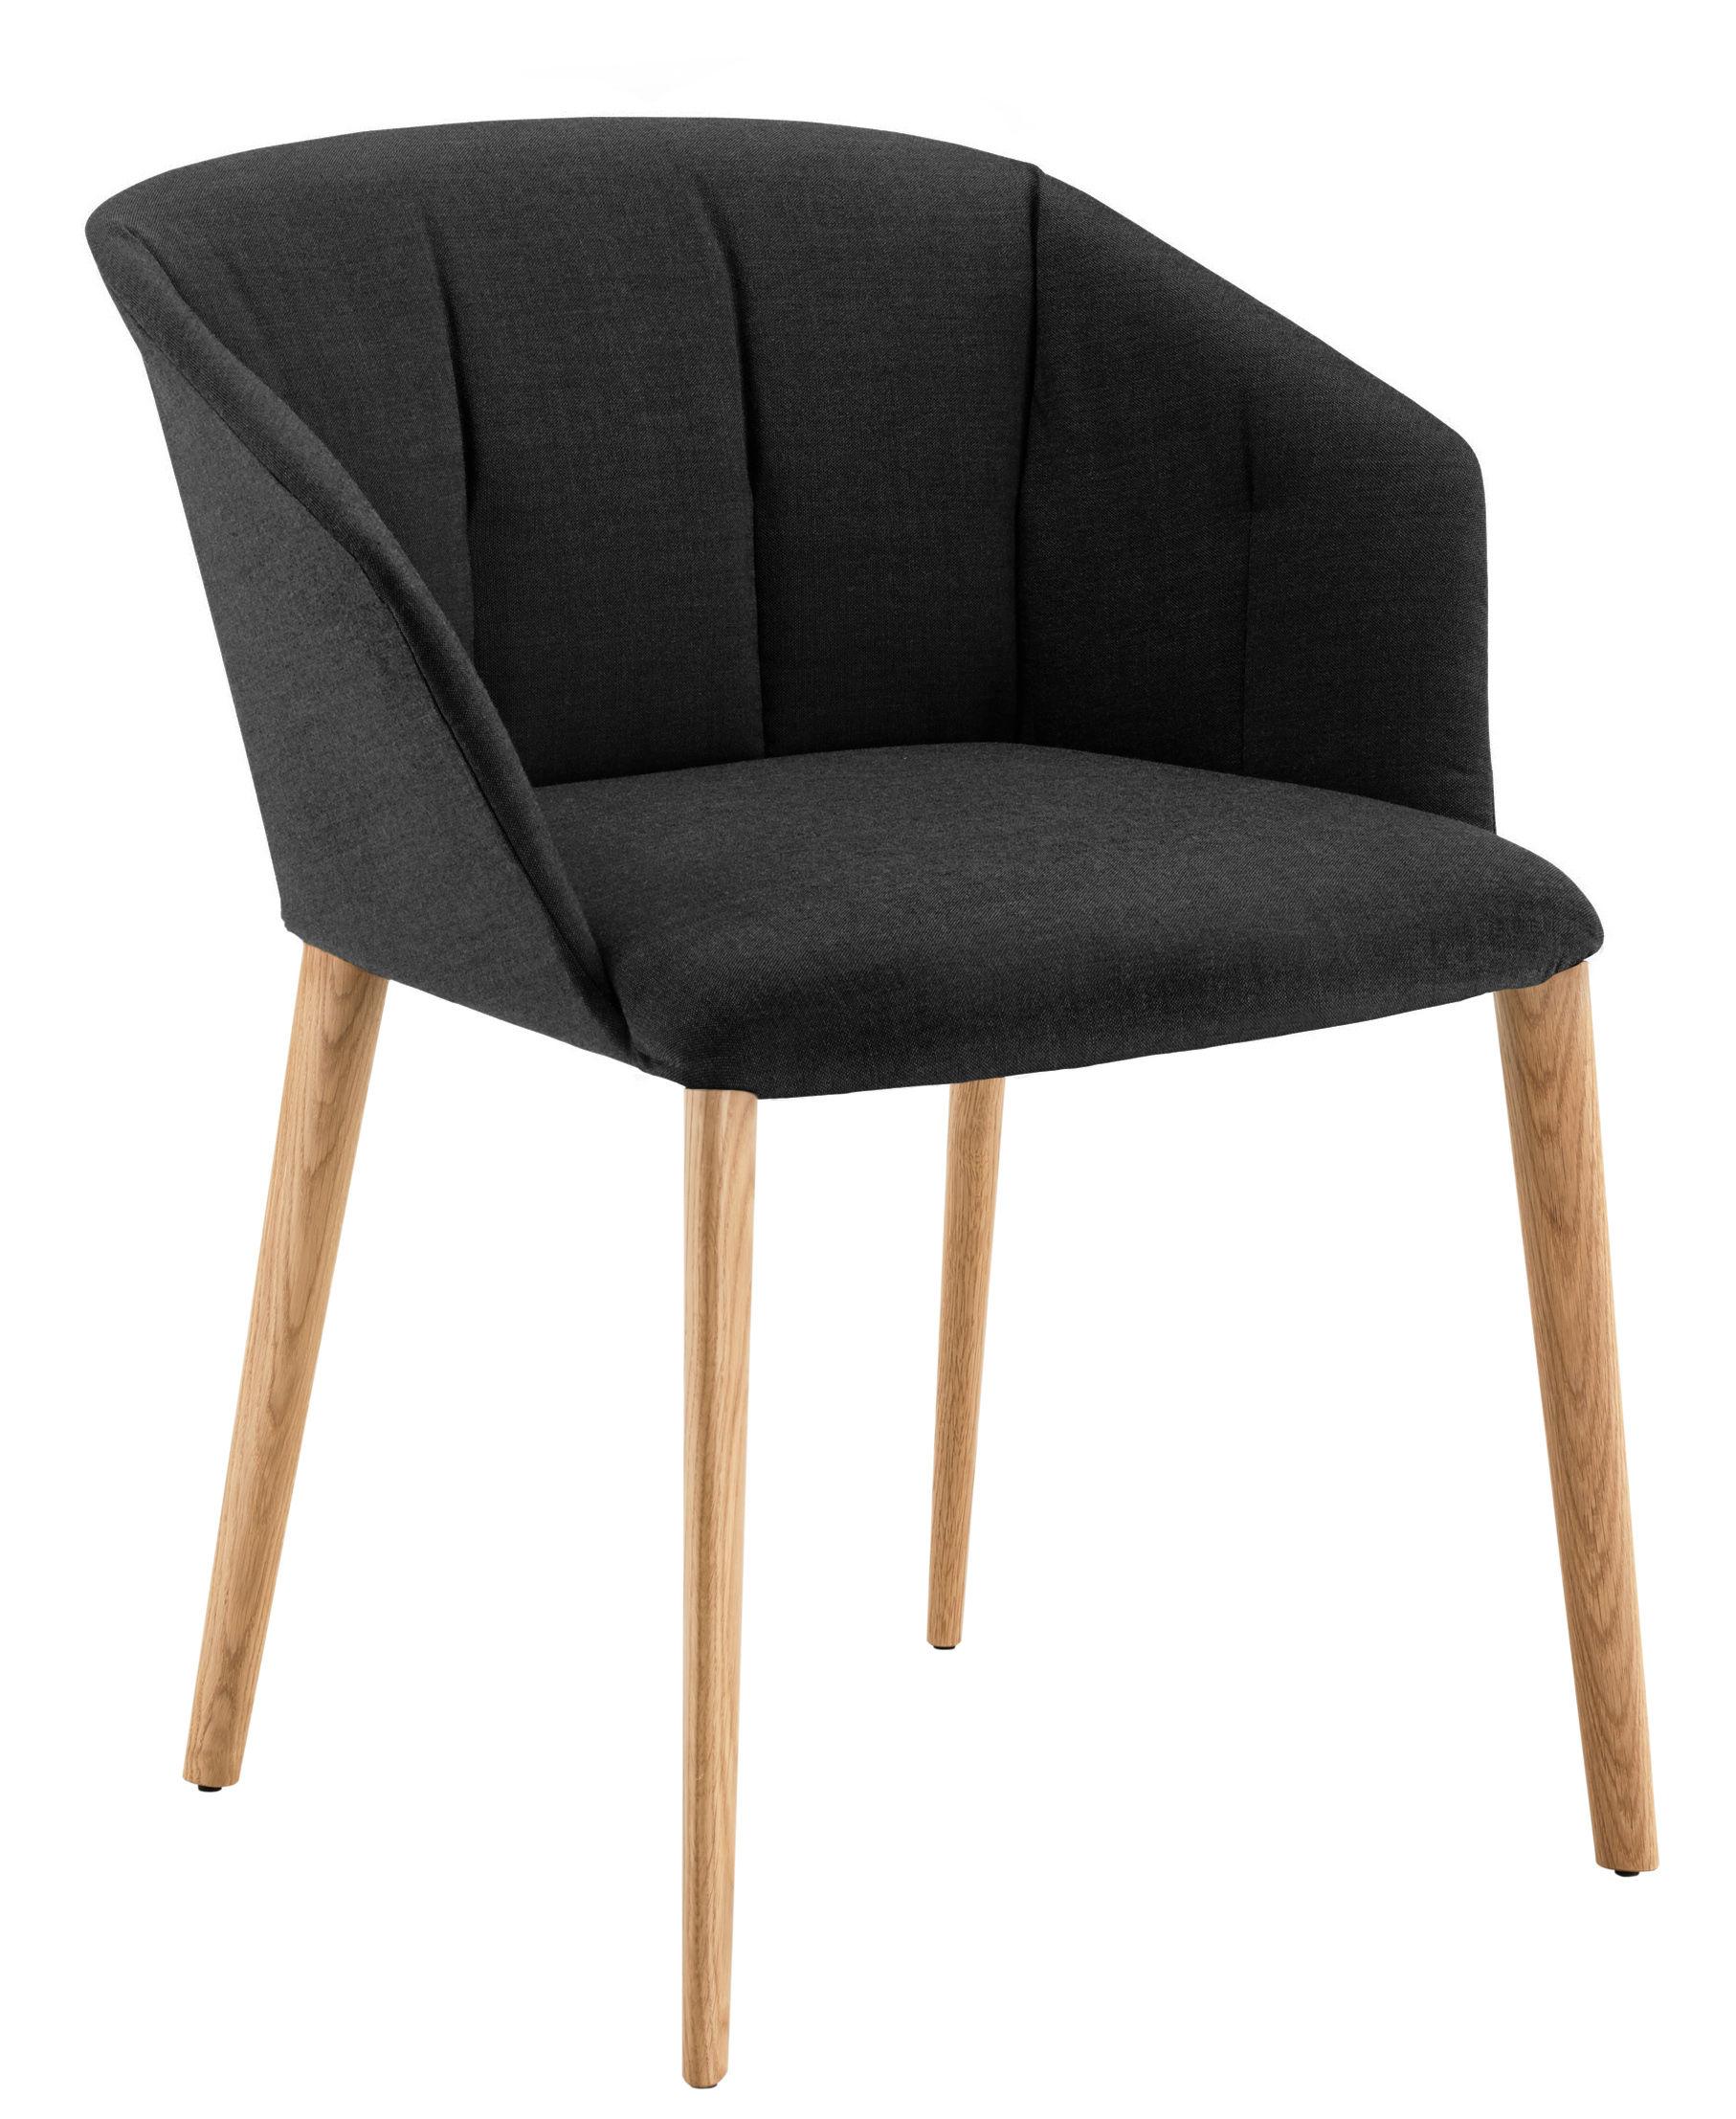 fauteuil rembourr liza tissu pieds bois noir pieds. Black Bedroom Furniture Sets. Home Design Ideas